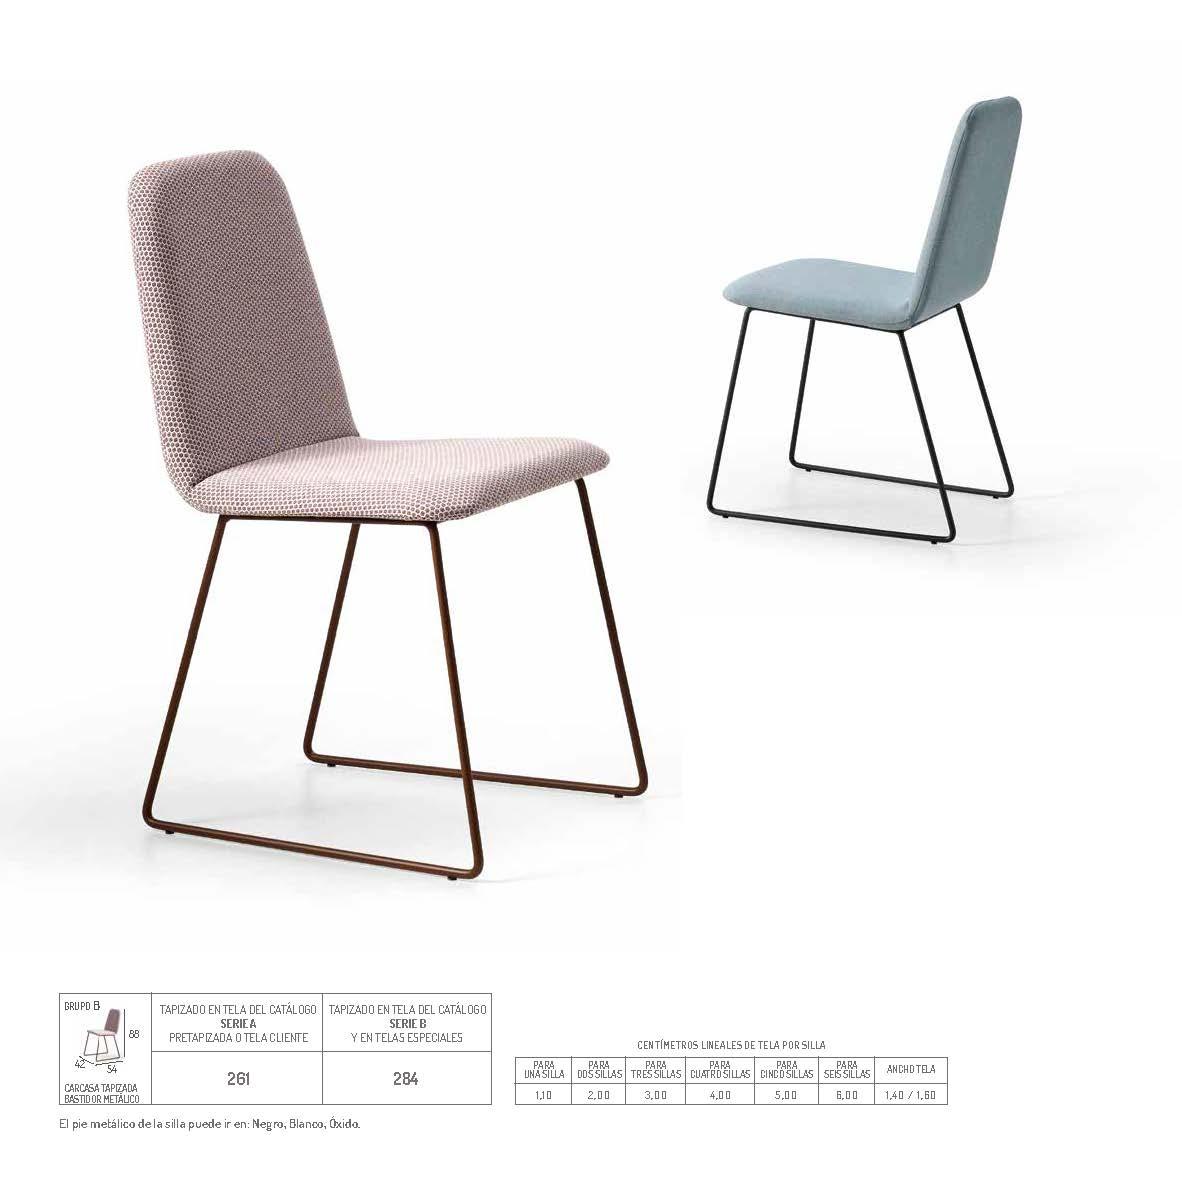 Ficha técnica de sillas de comedor 14f-0015